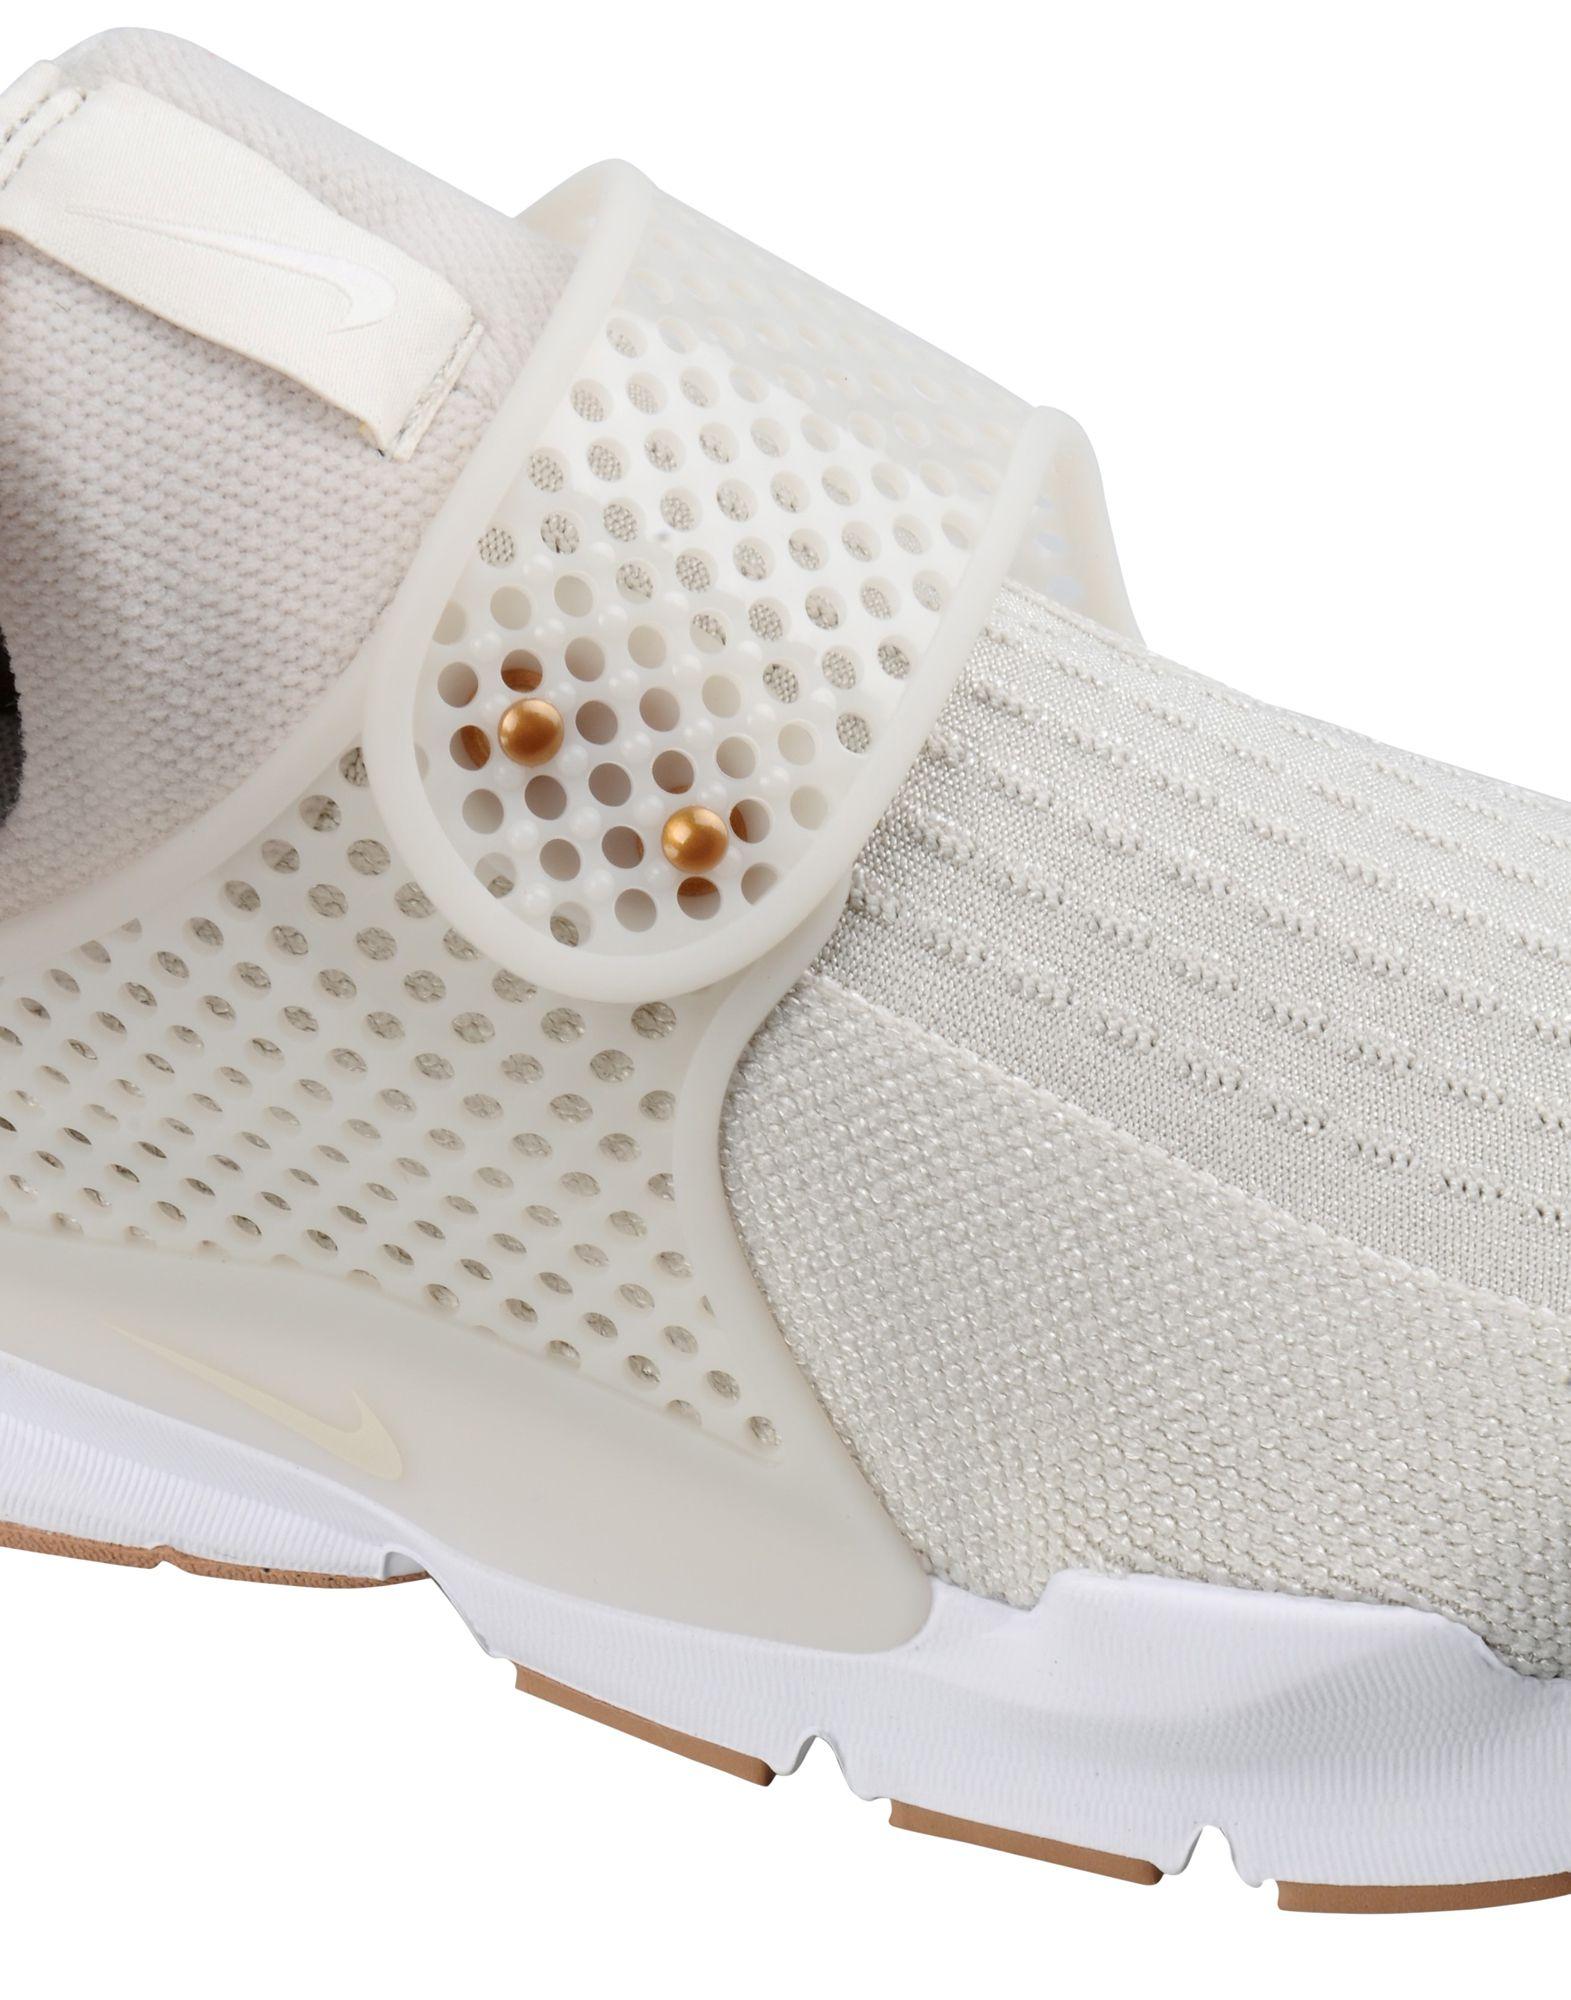 Sneakers Nike   Sock Dart - Femme - Sneakers Nike sur